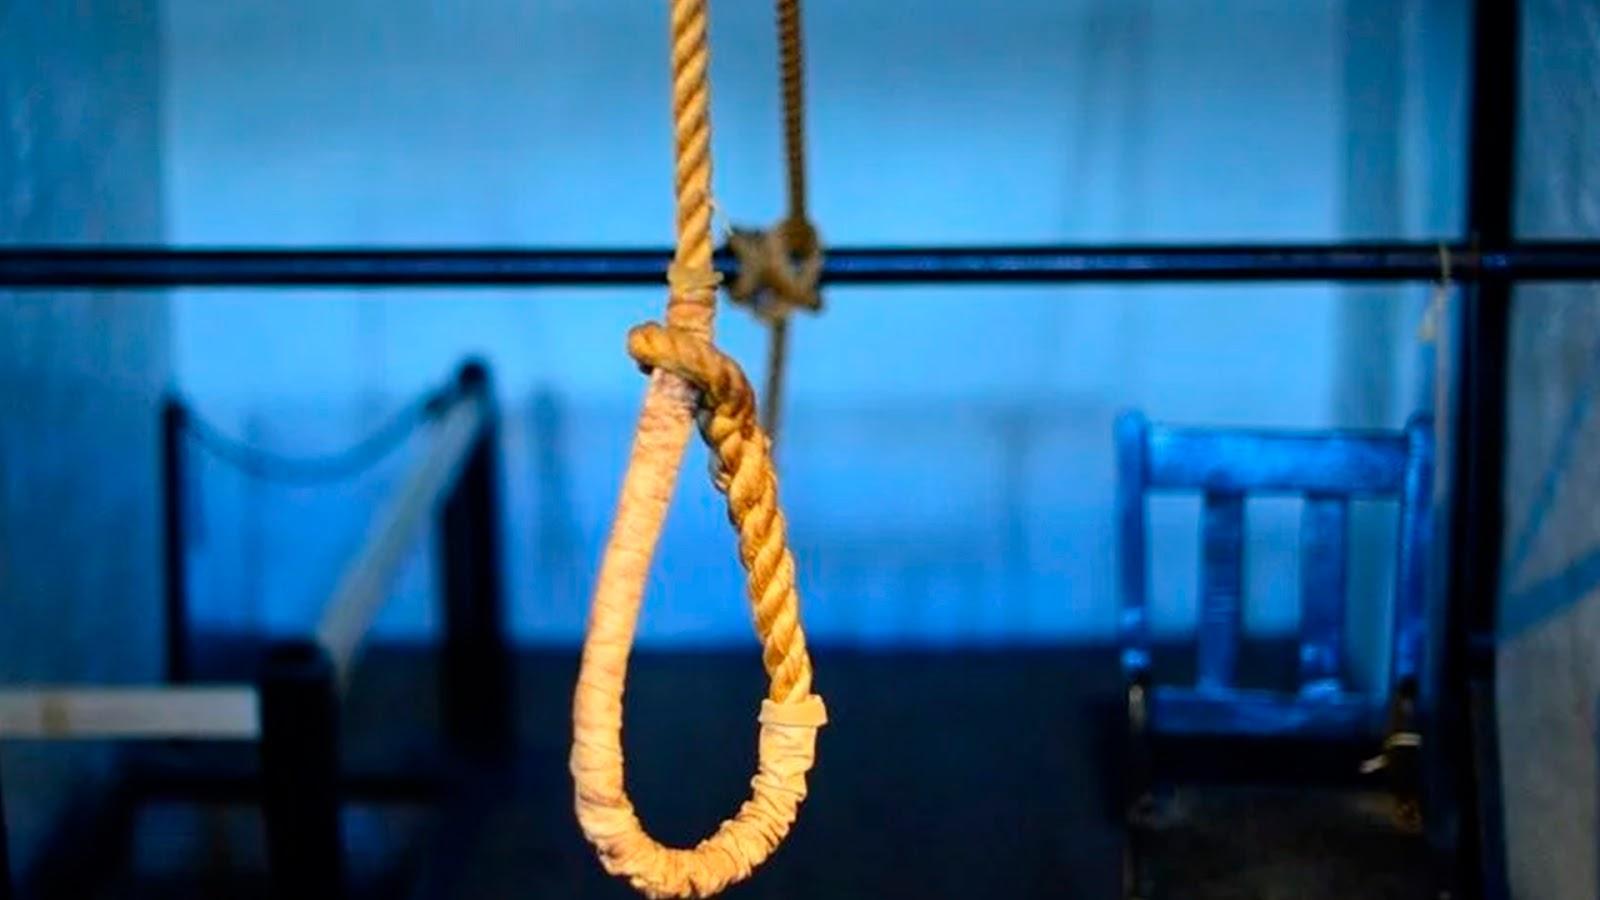 Joven se suicida al enterarse de que su exnovia se casará con otro